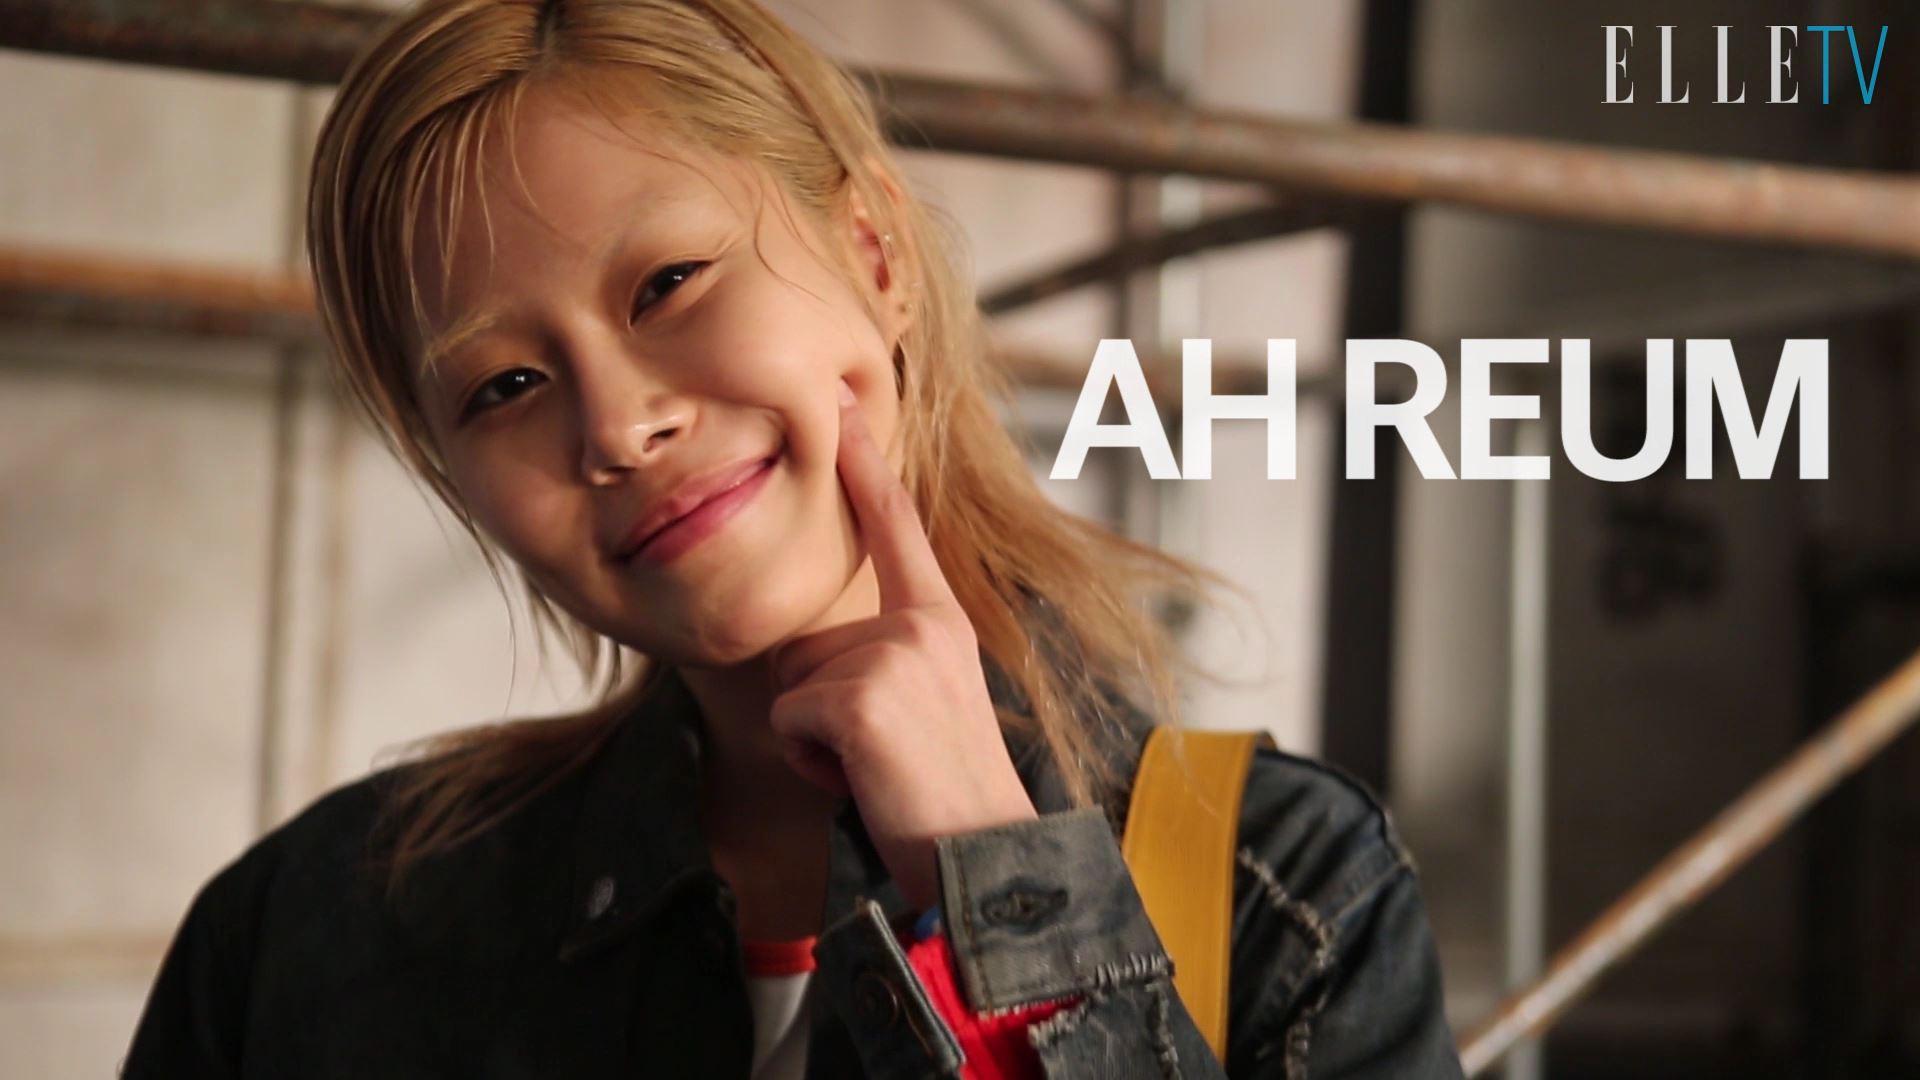 사람들이 그녀를 부를 때에는 '걸크러시' 하지만 알고보면 실제별명은 '할머니' 서울패션위크에서 반전매력의 모델 안아름을 만났습니다.